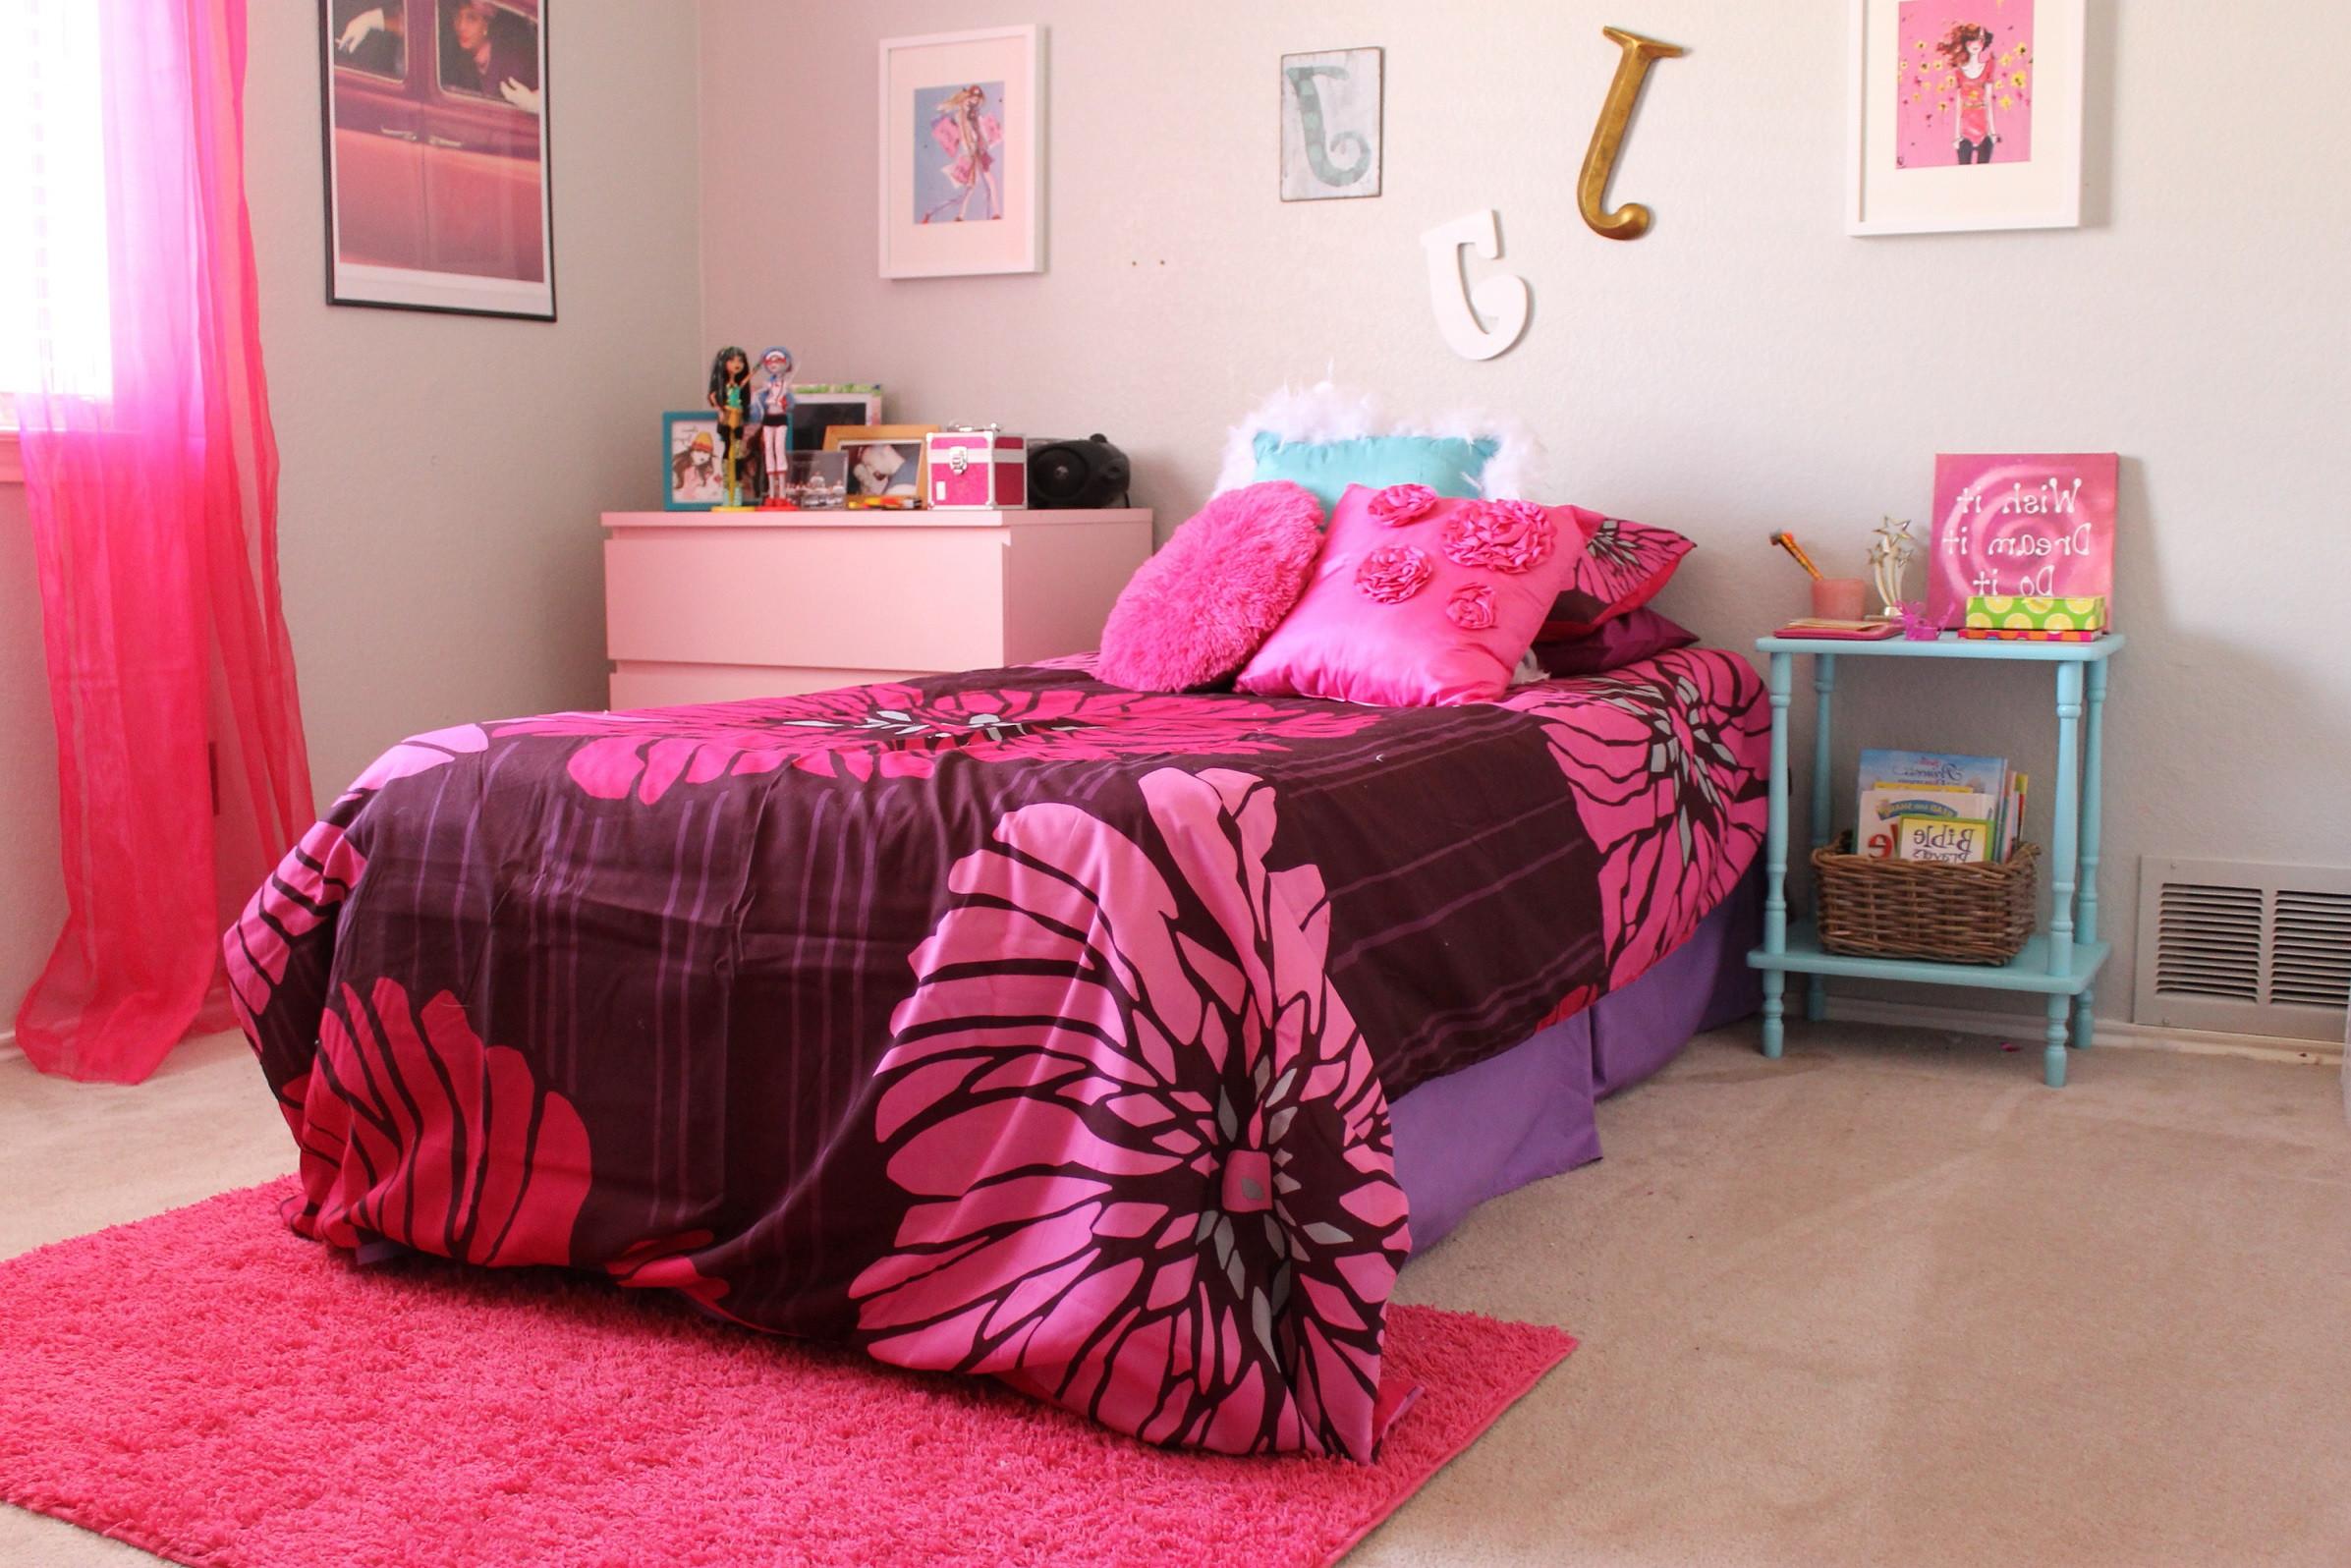 Wallpaper Teen Room (29+ images)